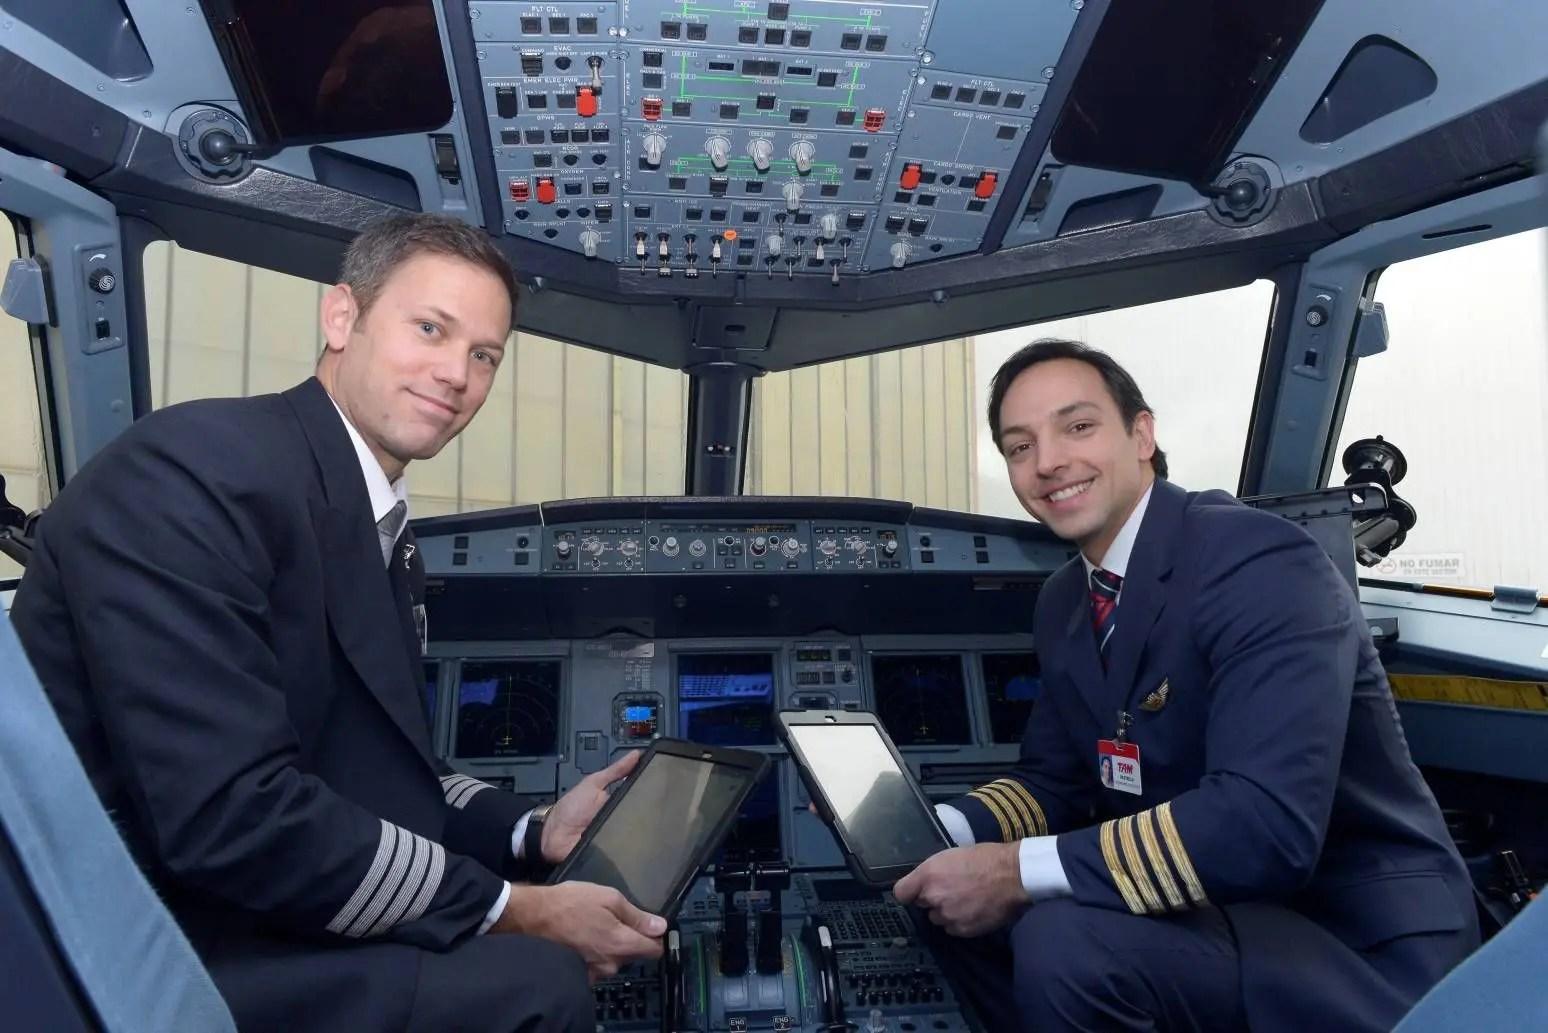 Proyecto Tablets para Pilotos - Grupo LATAM